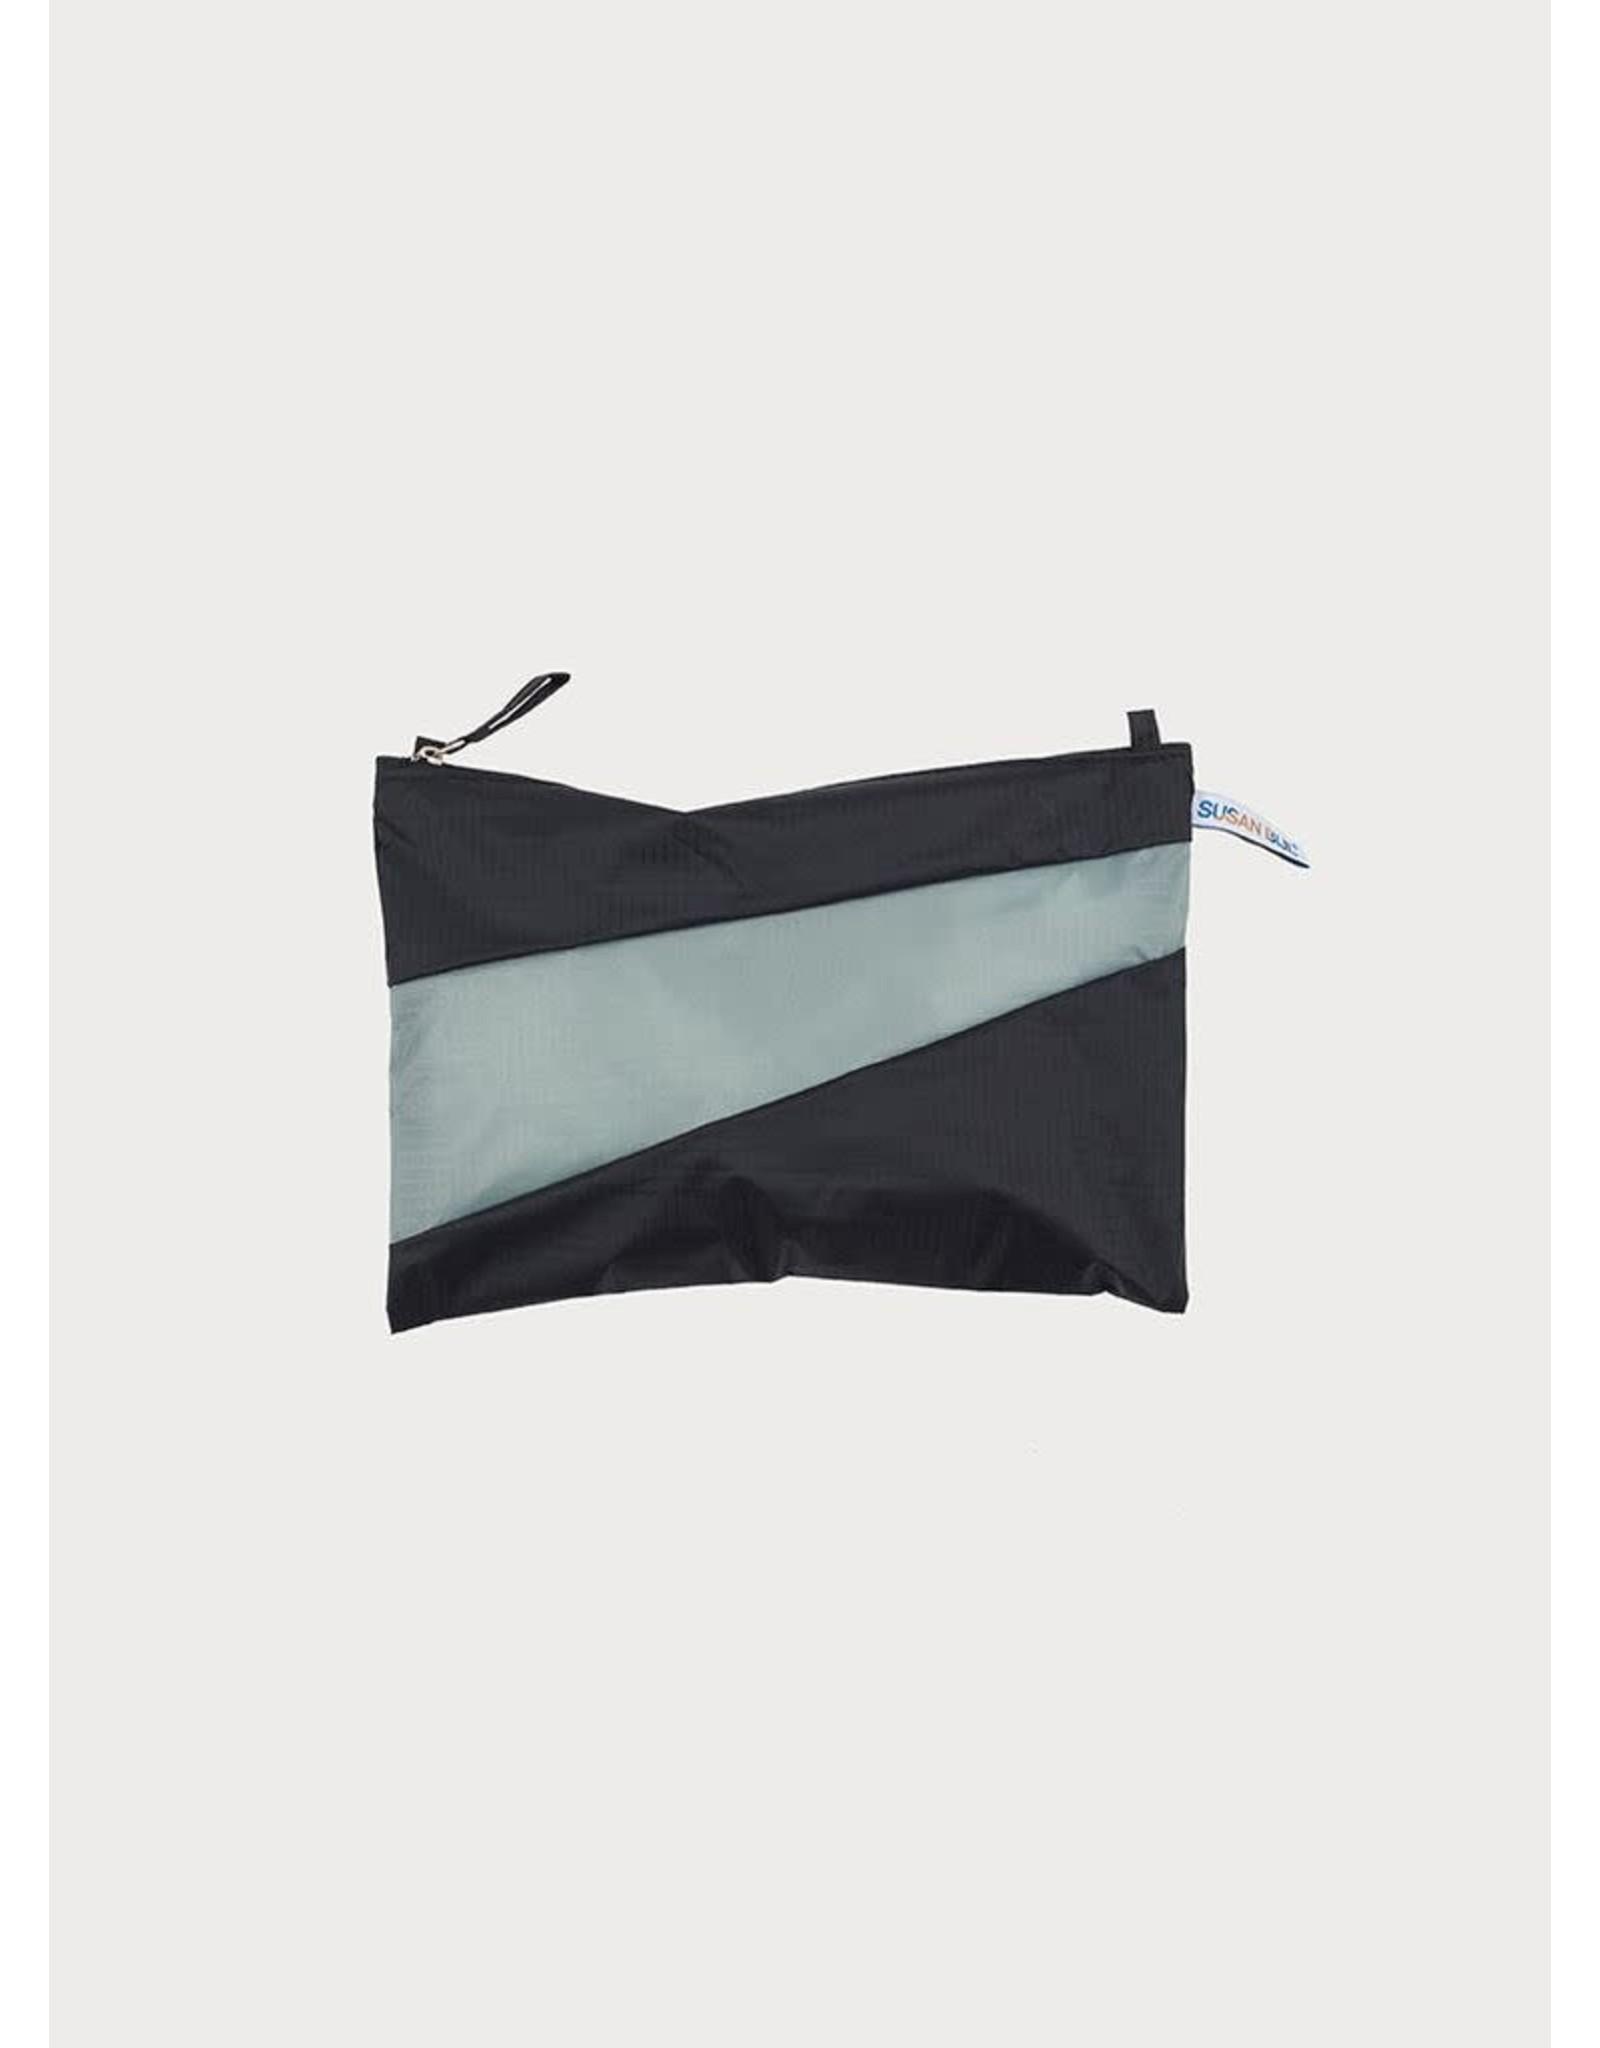 Suzan Bijl Pouch M, Black & Grey | 19 x 29cm